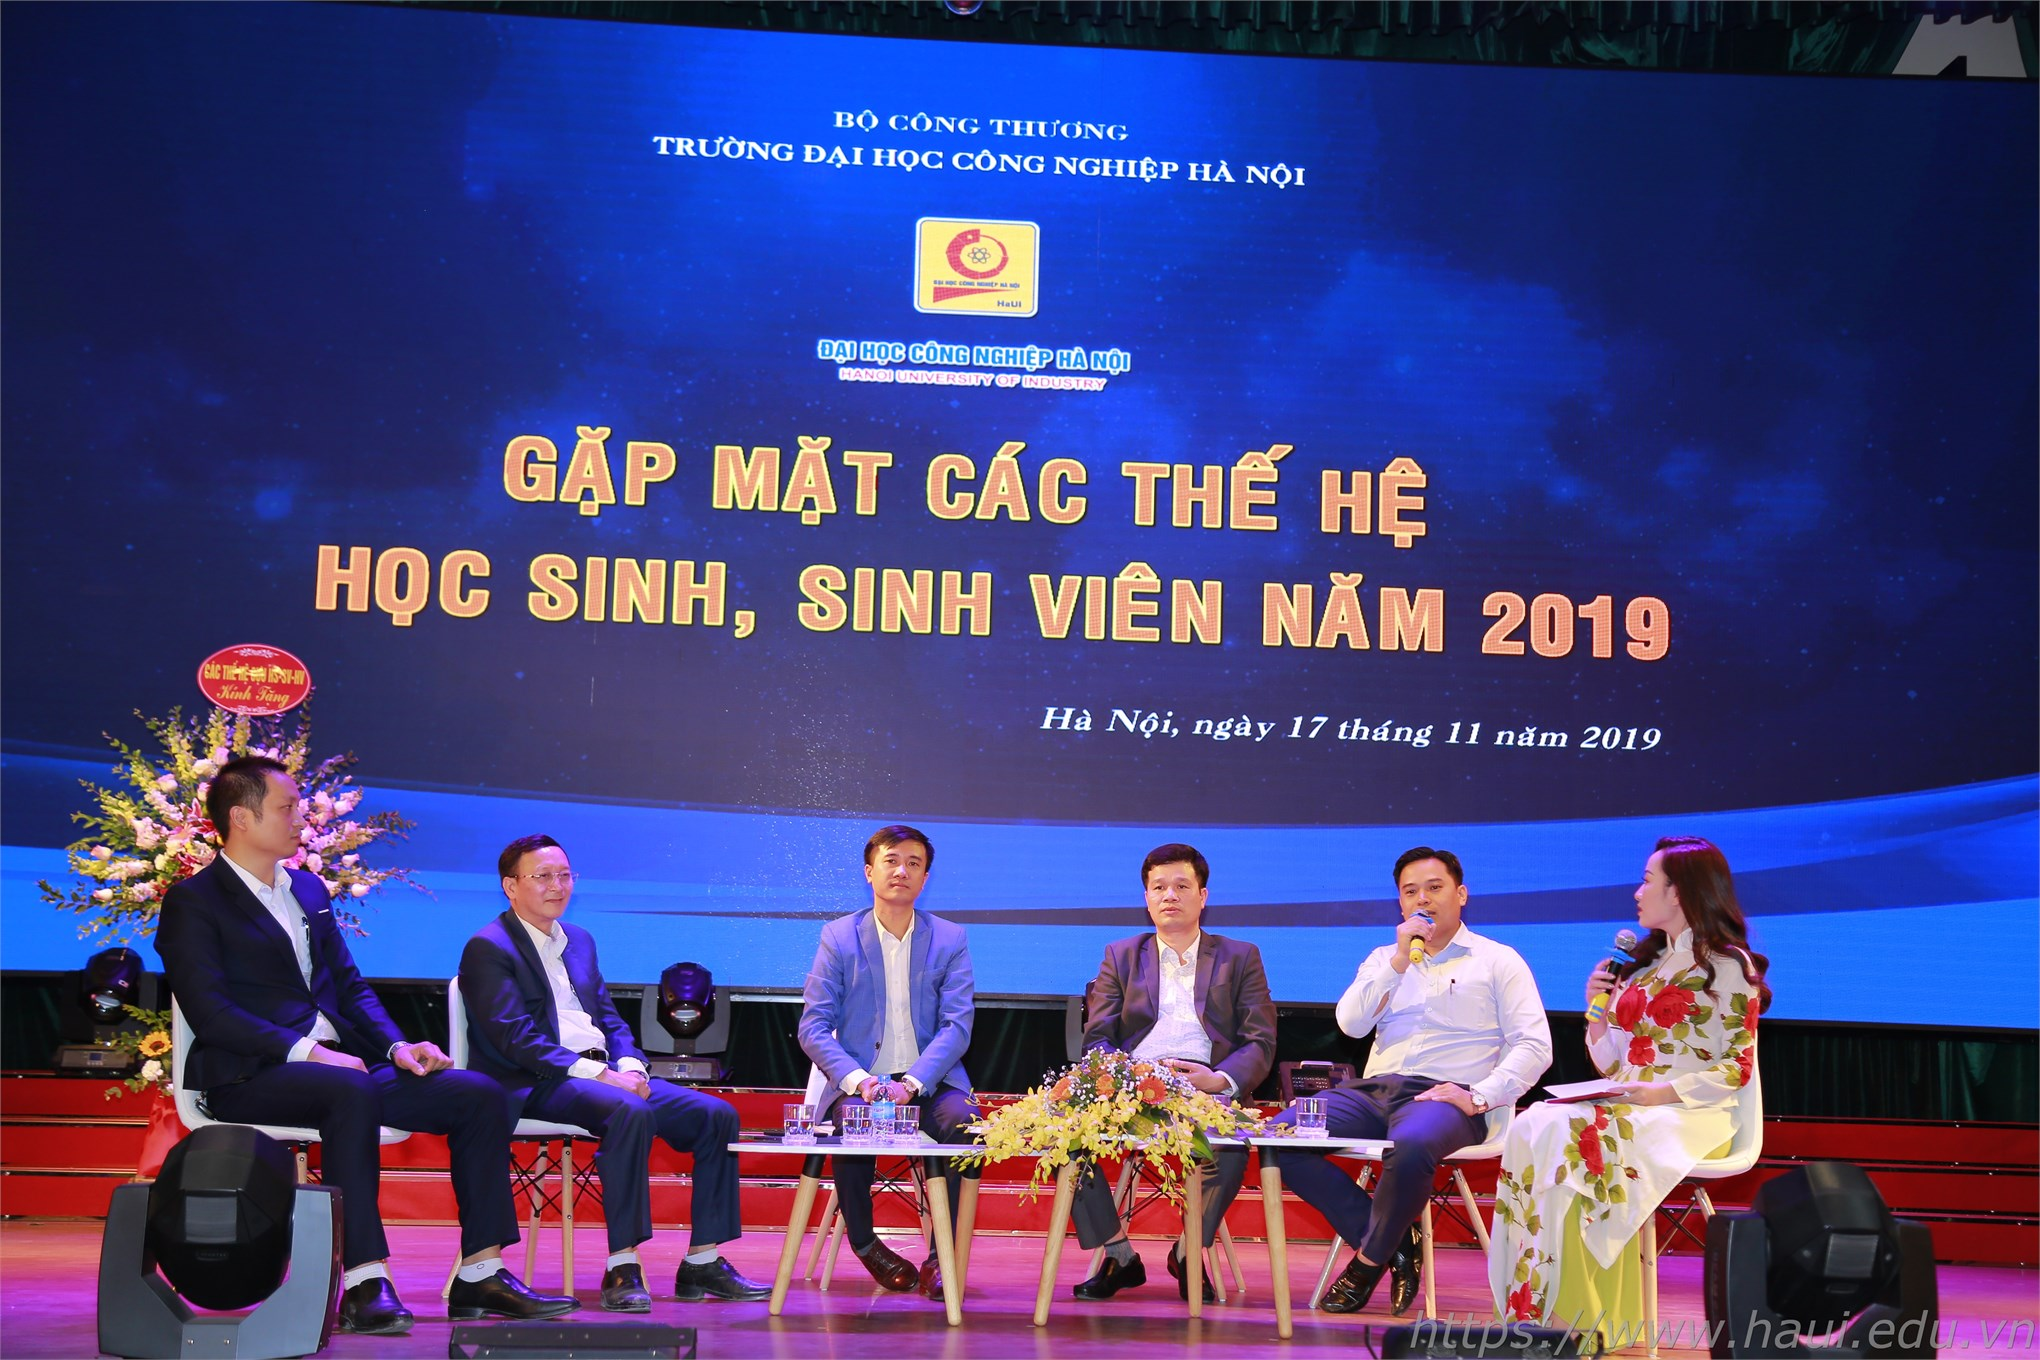 Gặp mặt các thế hệ học sinh, sinh viên Đại học Công nghiệp Hà Nội 2019